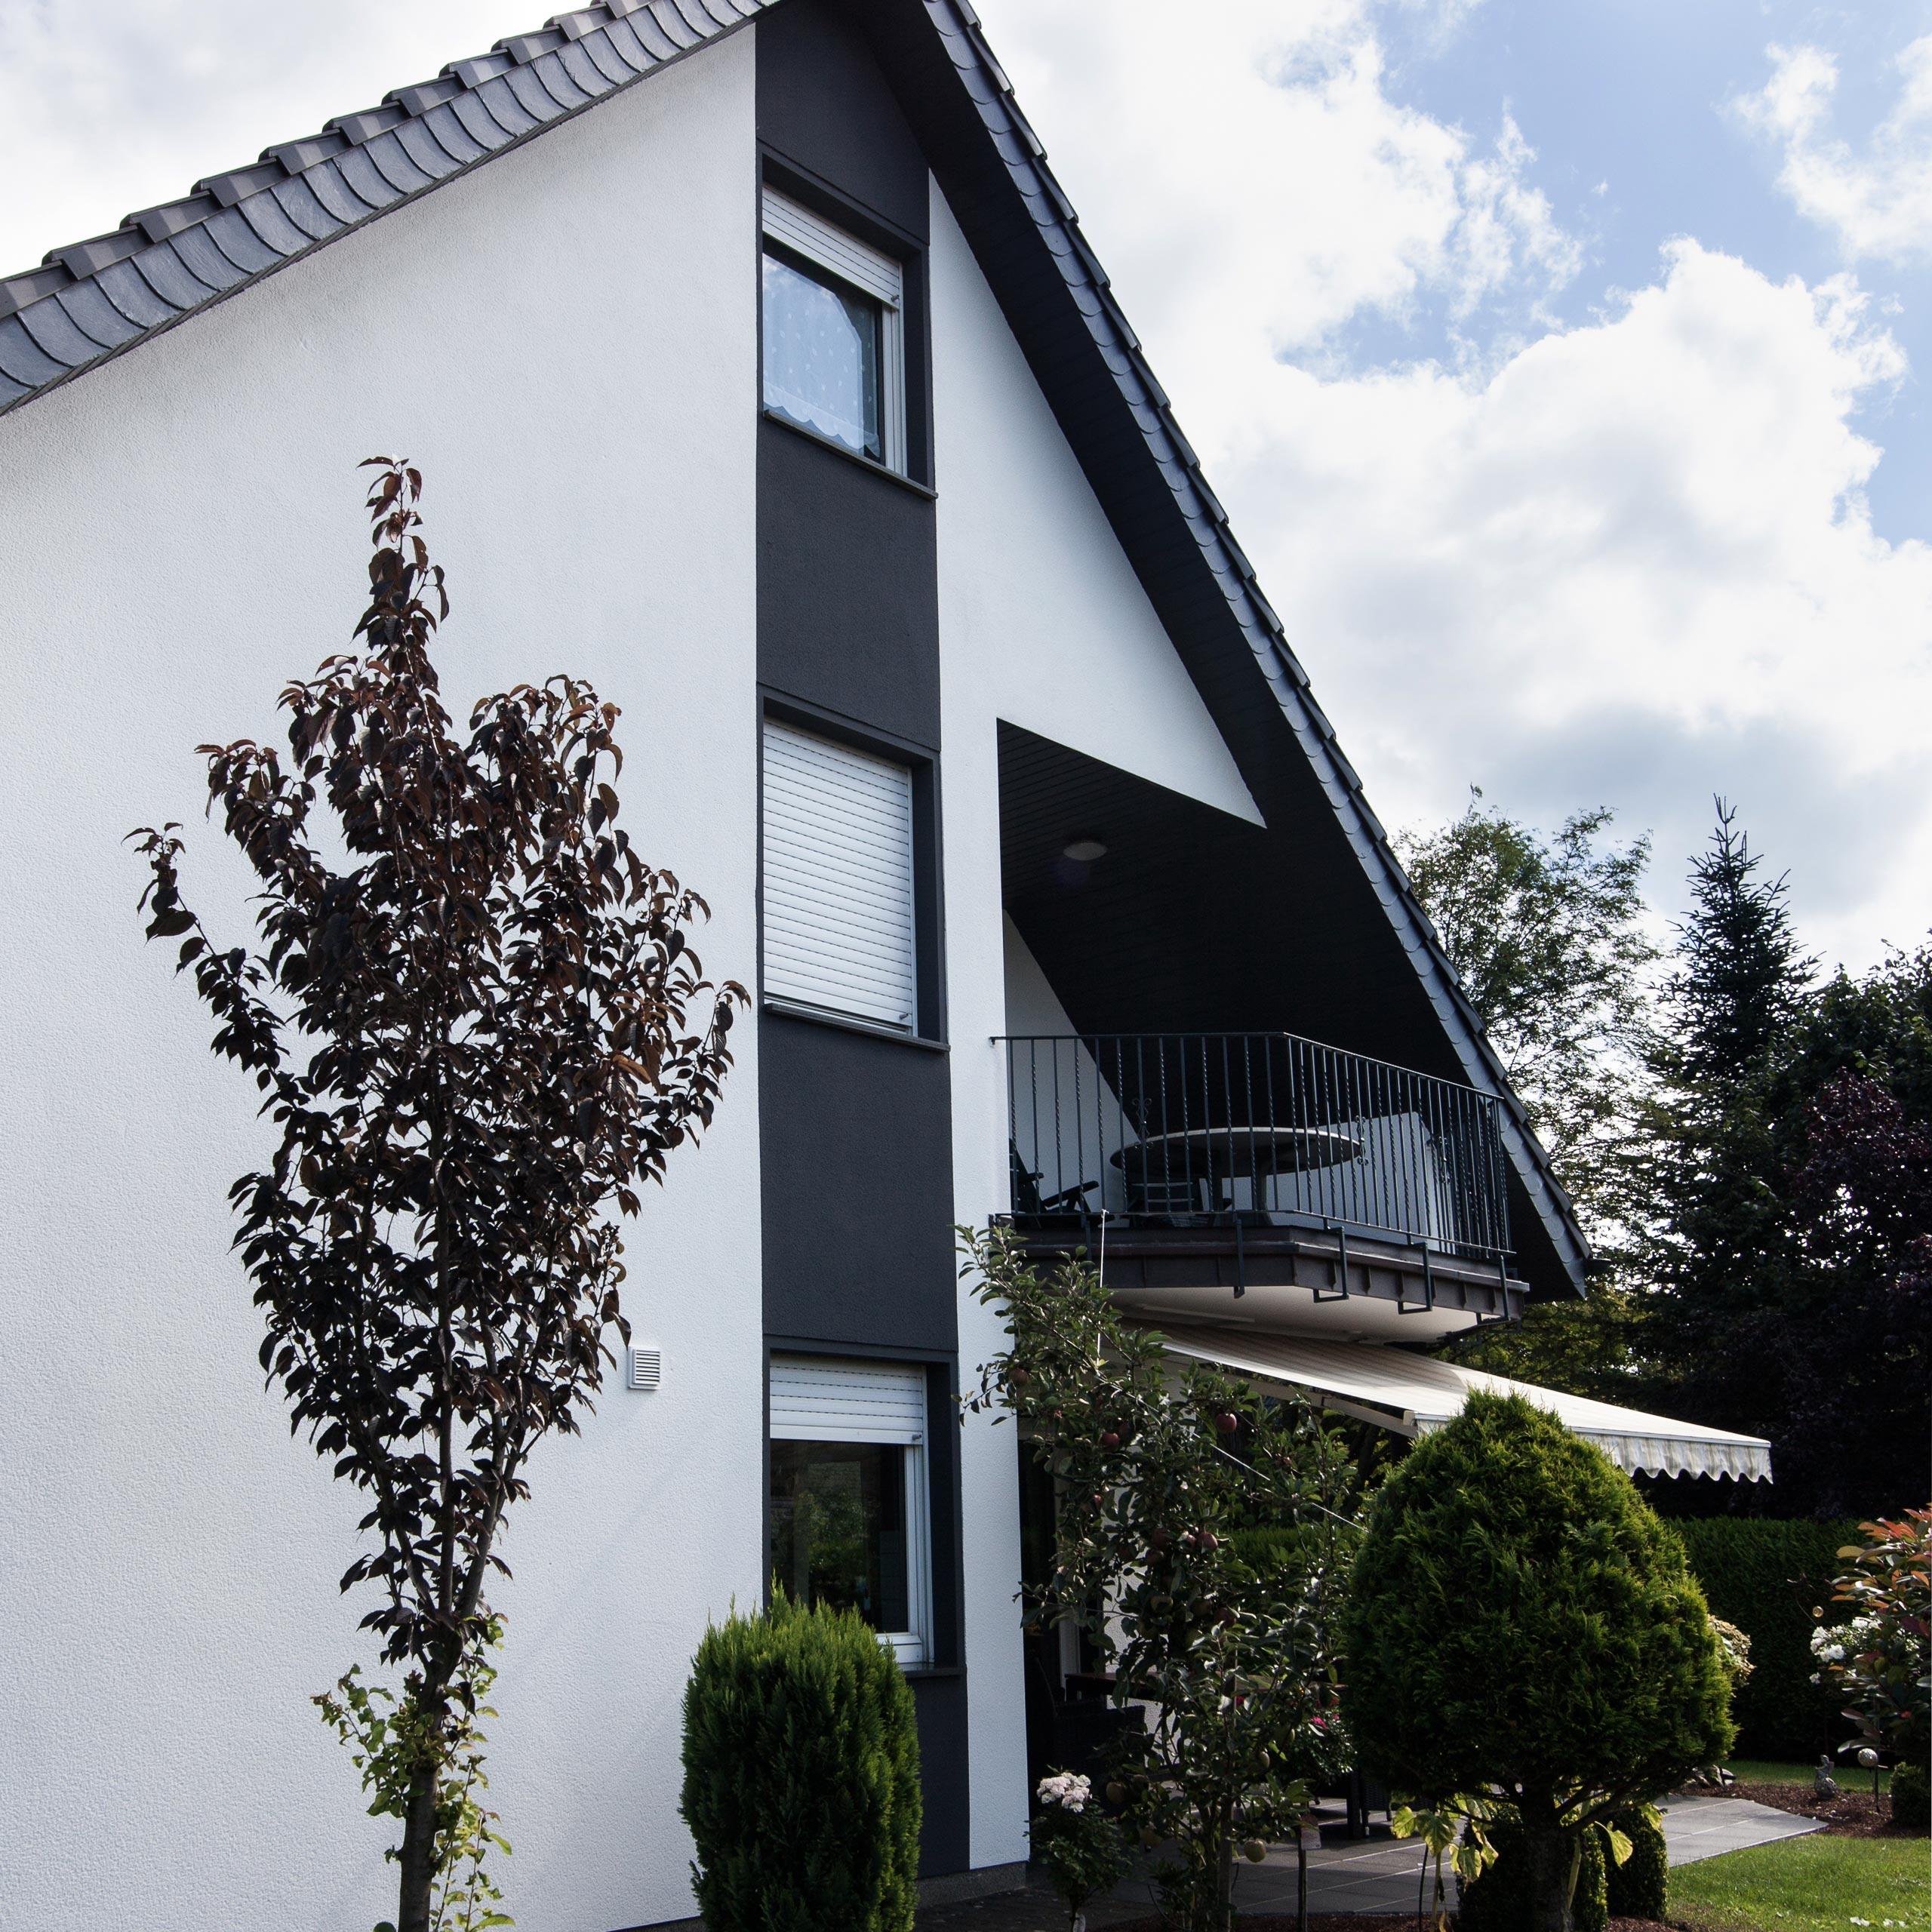 Malermeister Lothar Meyer Verl Fassadenbeschichtung